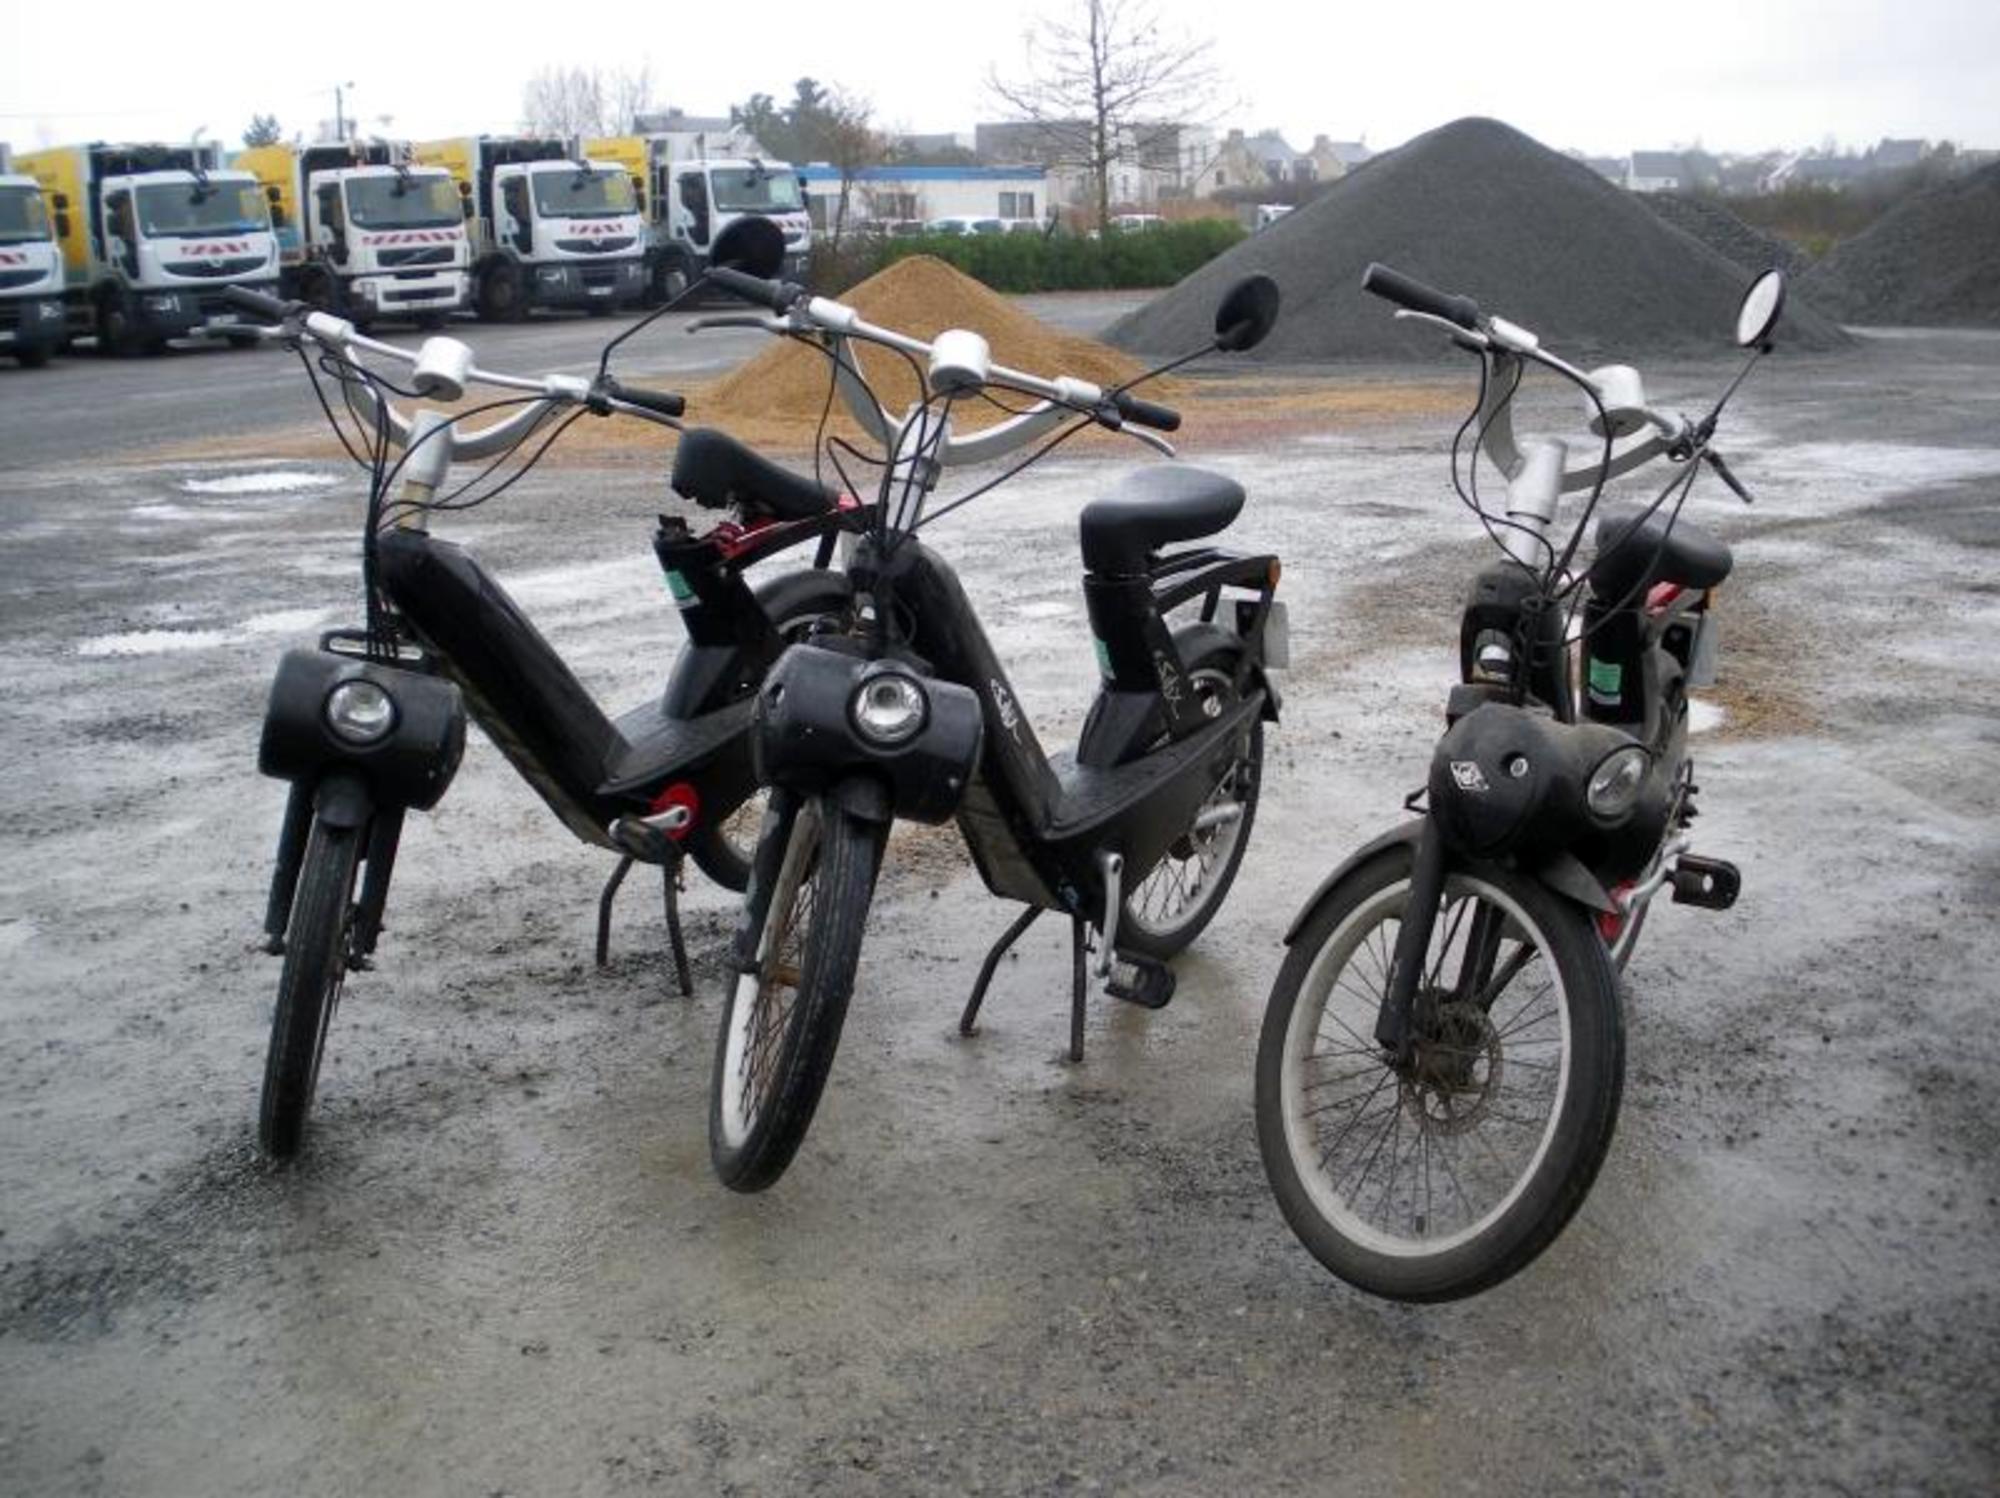 lot de 3 e solex moto scooter 2 roues d 39 occasion aux ench res agorastore. Black Bedroom Furniture Sets. Home Design Ideas